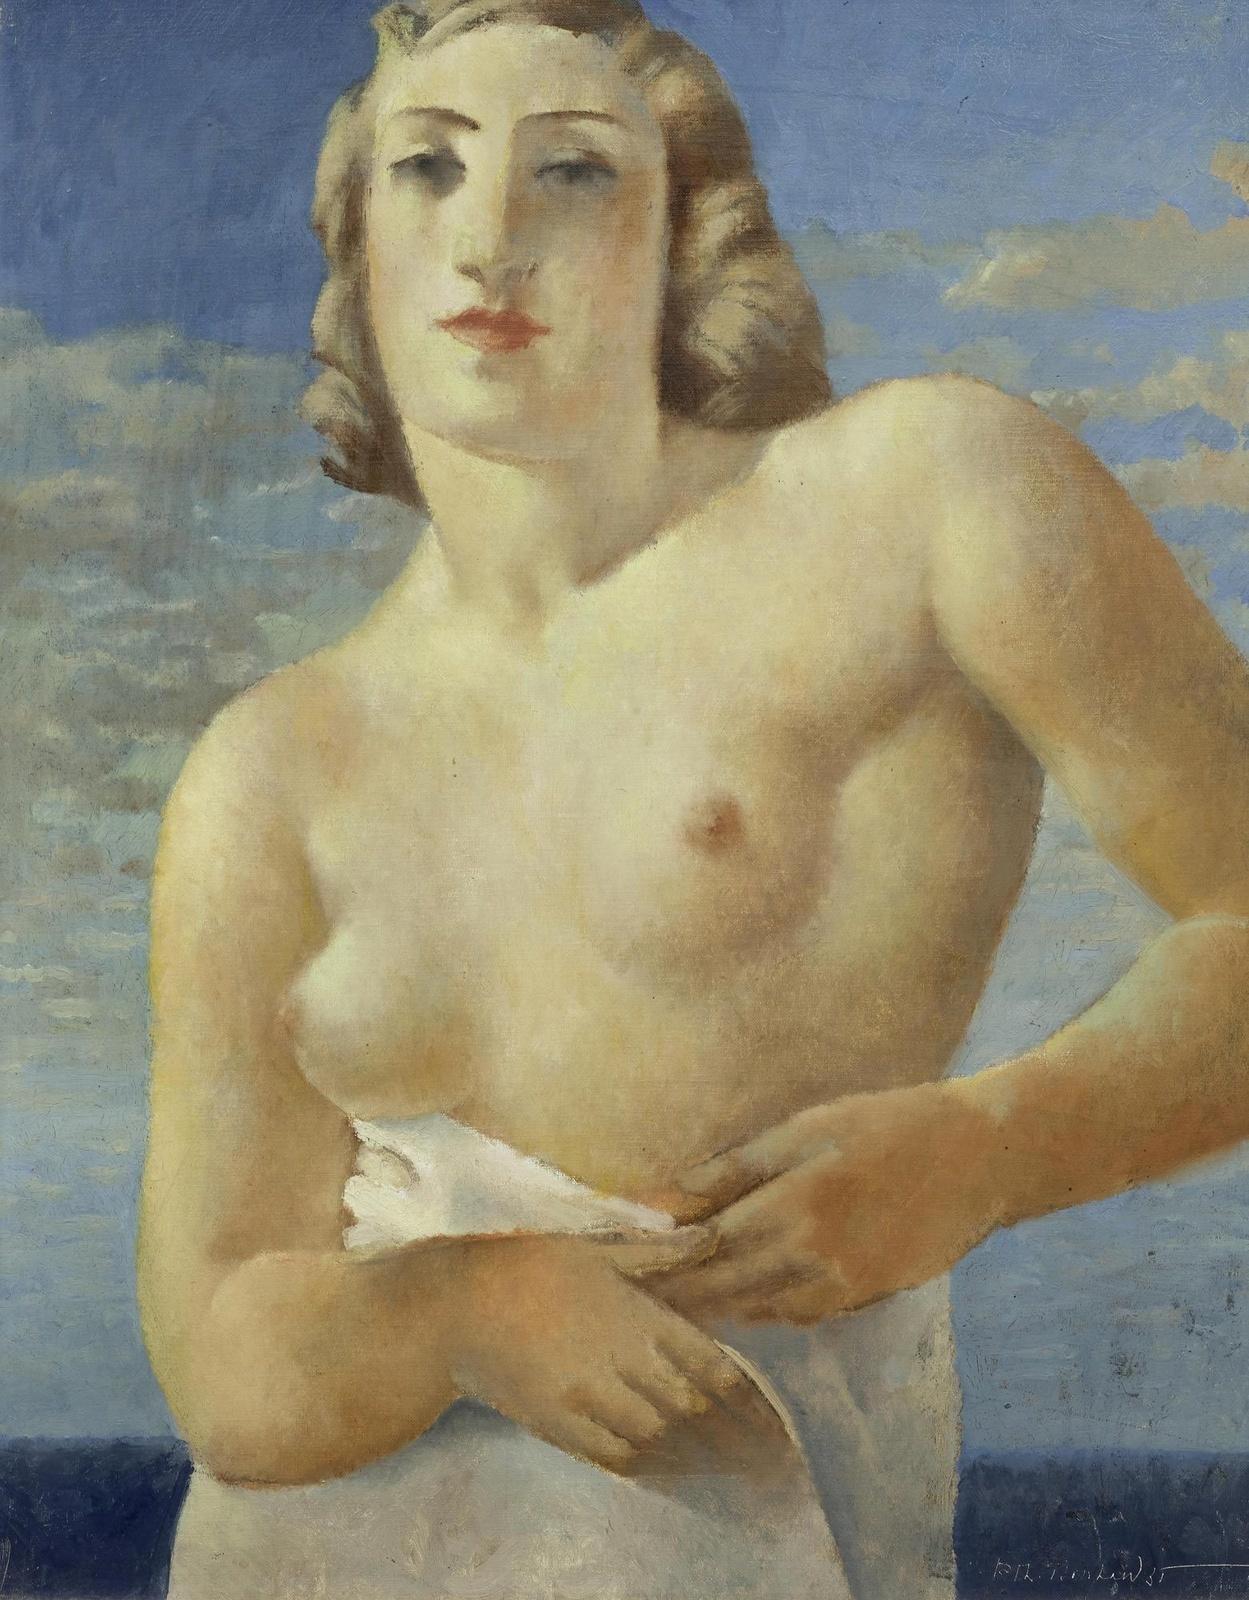 Рудольф-Теофил Босхард. 1935. Бюст обнаженной (Buste de femme nue). 61 x 50.3. Холст, масло. Частное собрание.